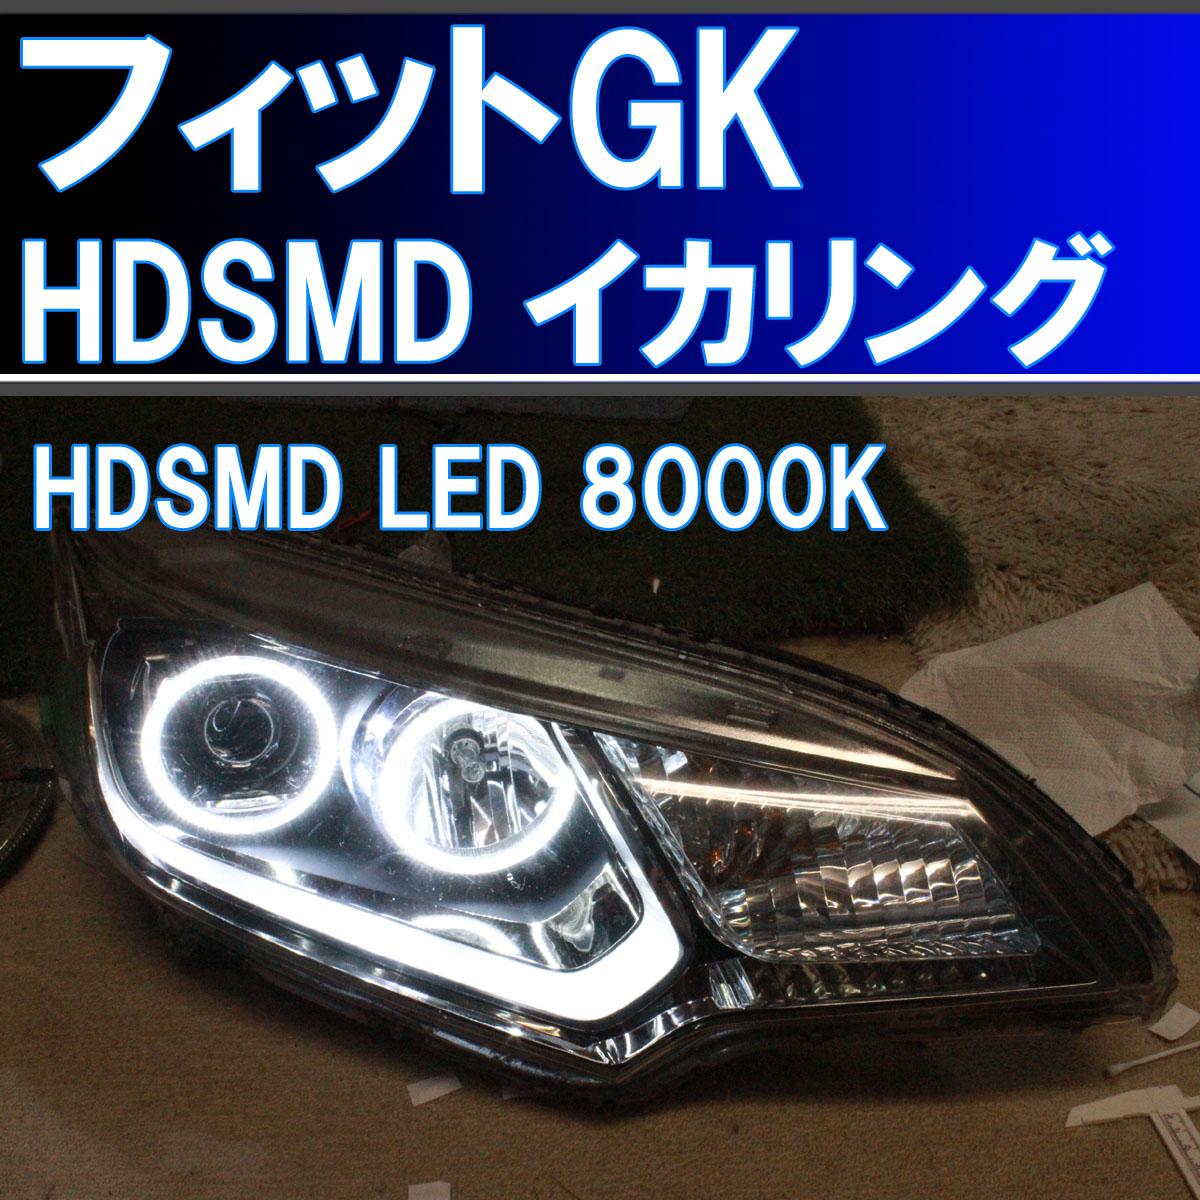 ★ホンダ フィット GK 前期 LEDヘッドライト用 イカリング HDSMD LED 8000K 60カンデラ エンジェルアイ 2万台以上の販売実績 配線キット、マニュアル付属 デイライト アイライン